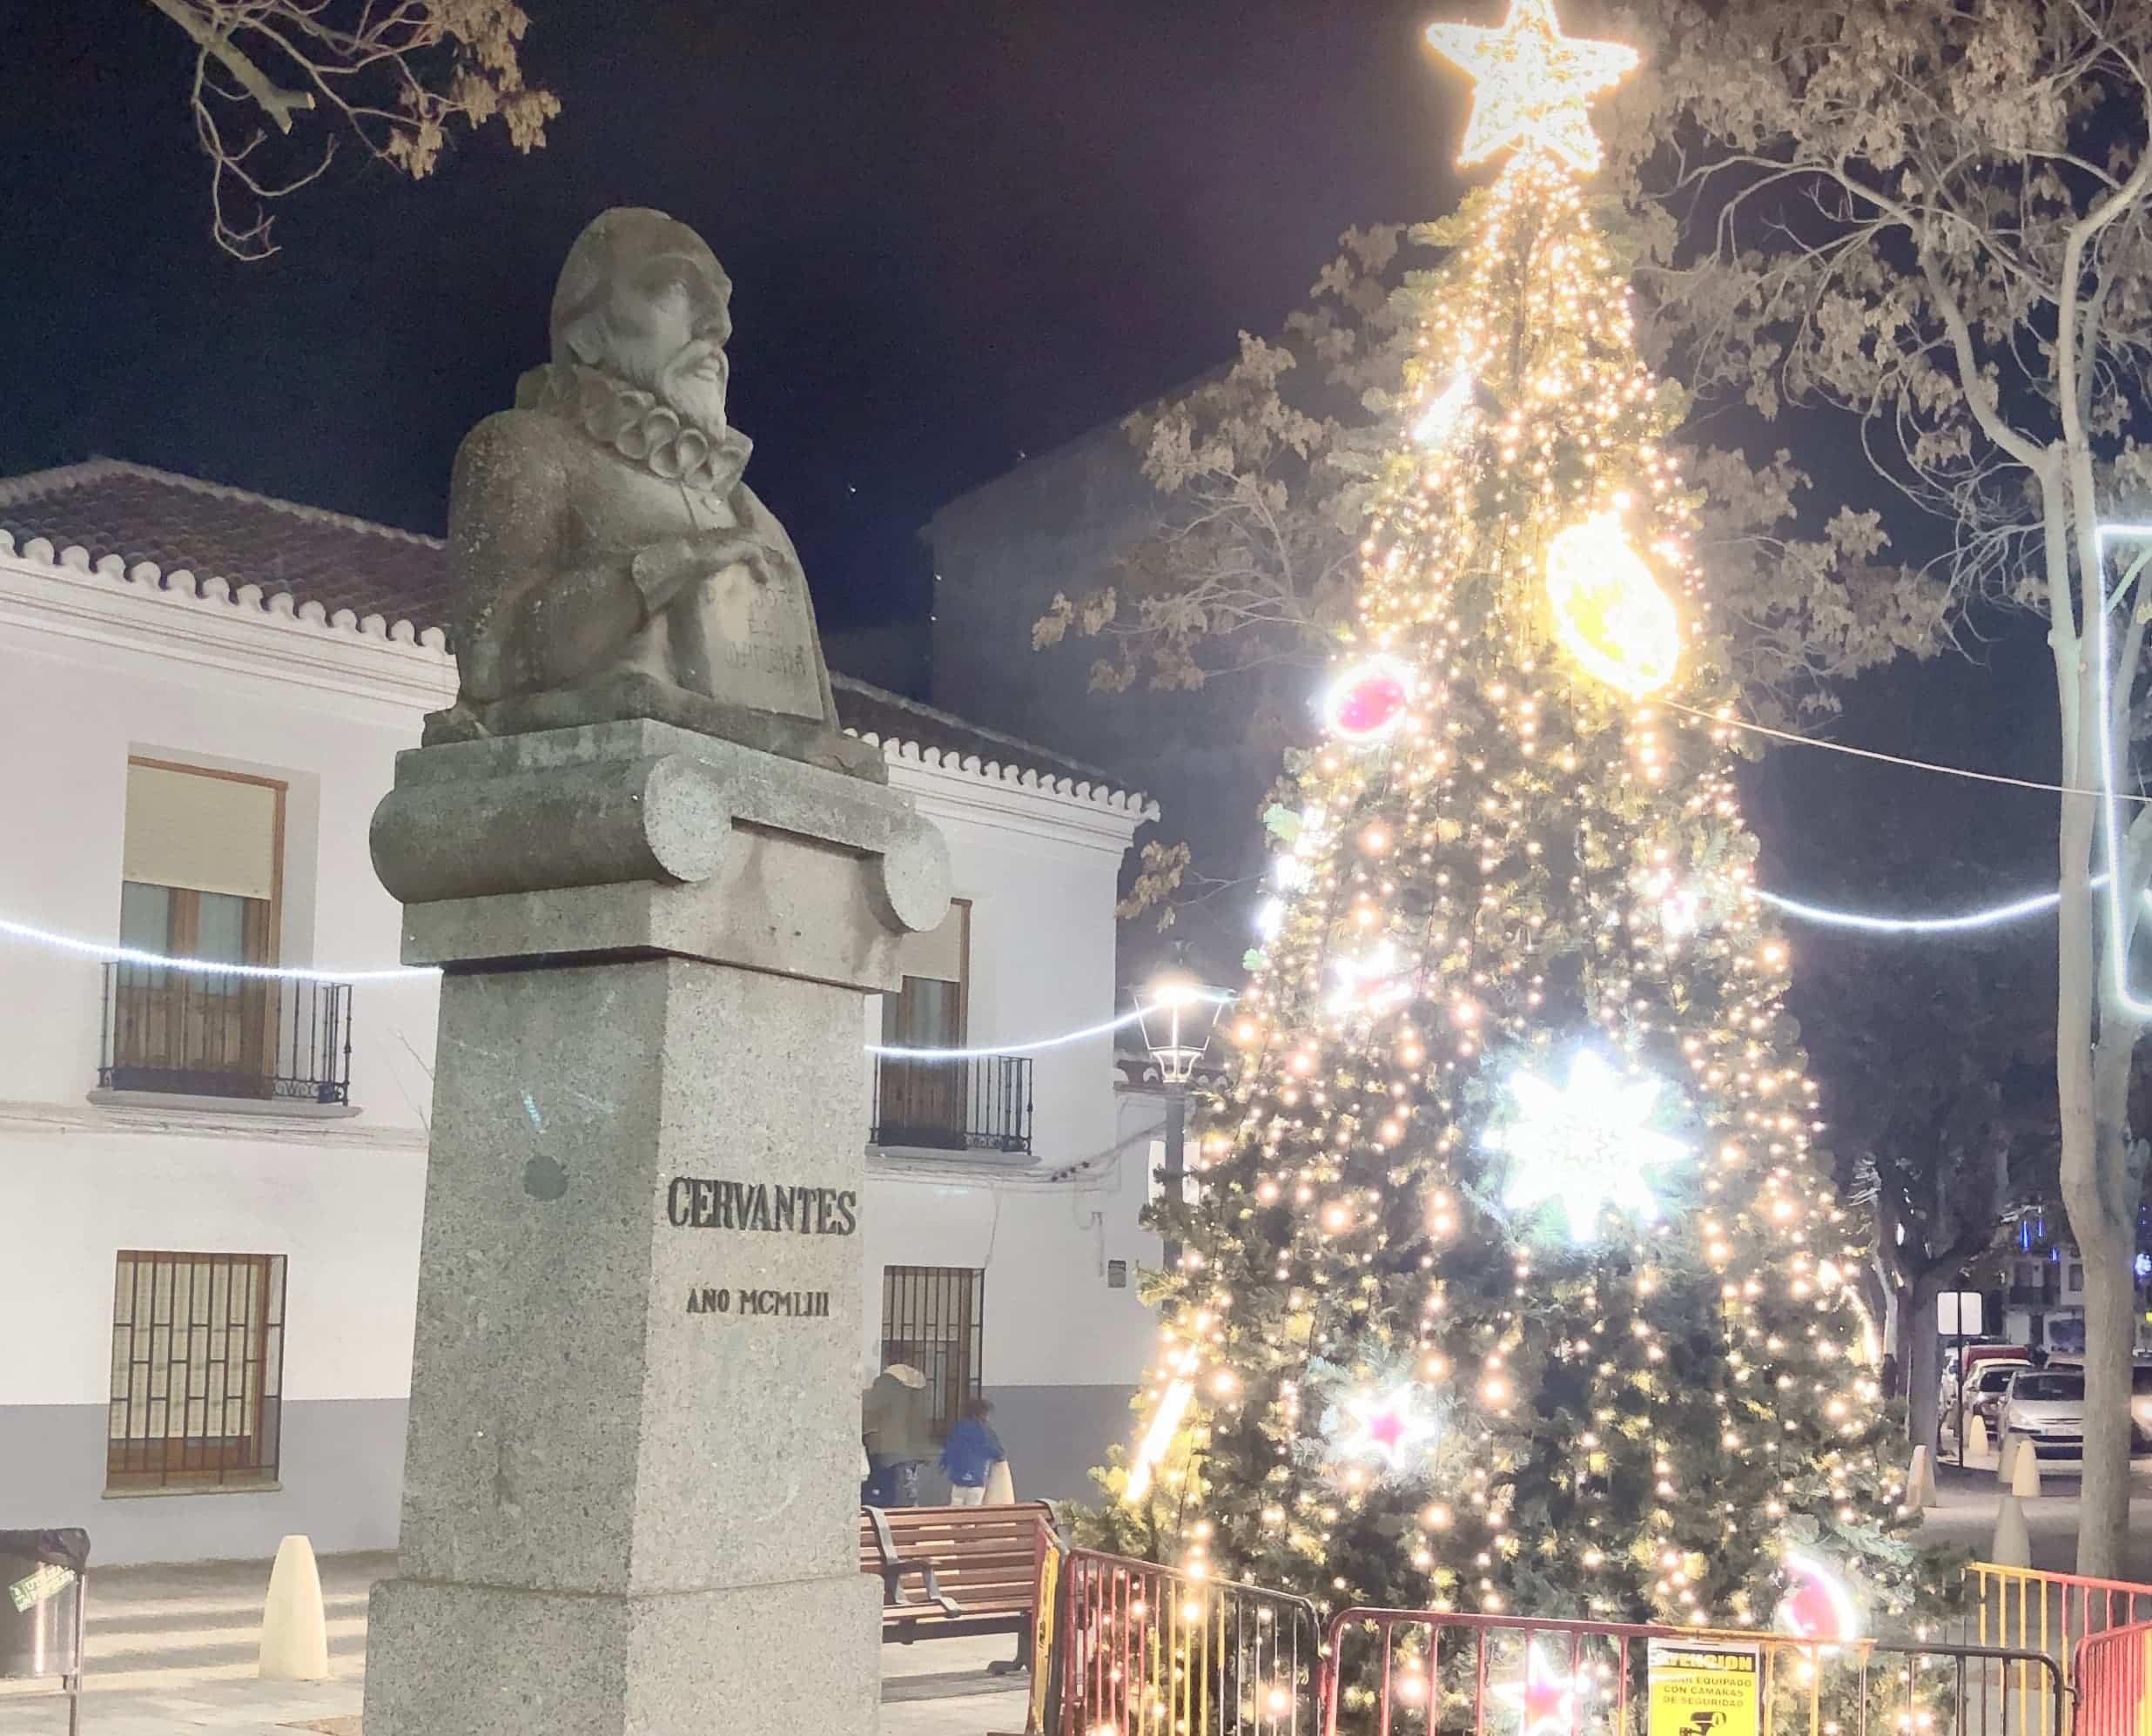 Restaurada la escultura de Cervantes como parte del patrimonio artístico herenciano 18